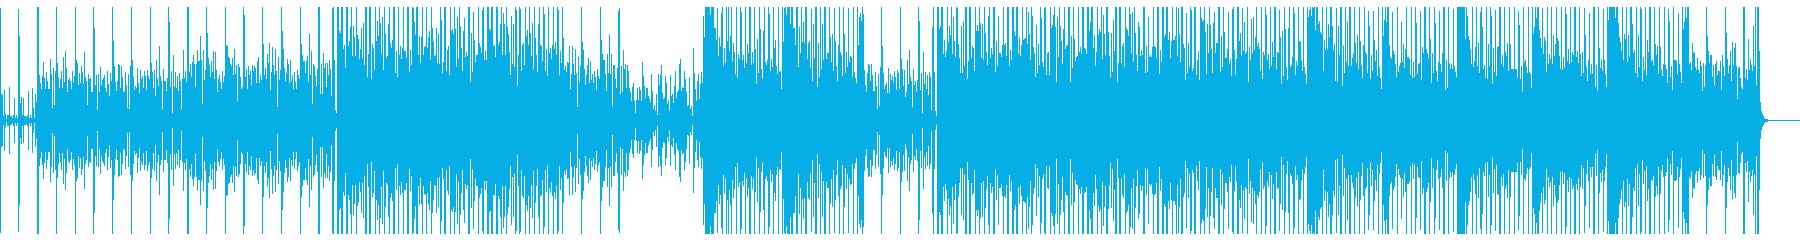 クールな雰囲気のソウル、R&B系BGMの再生済みの波形